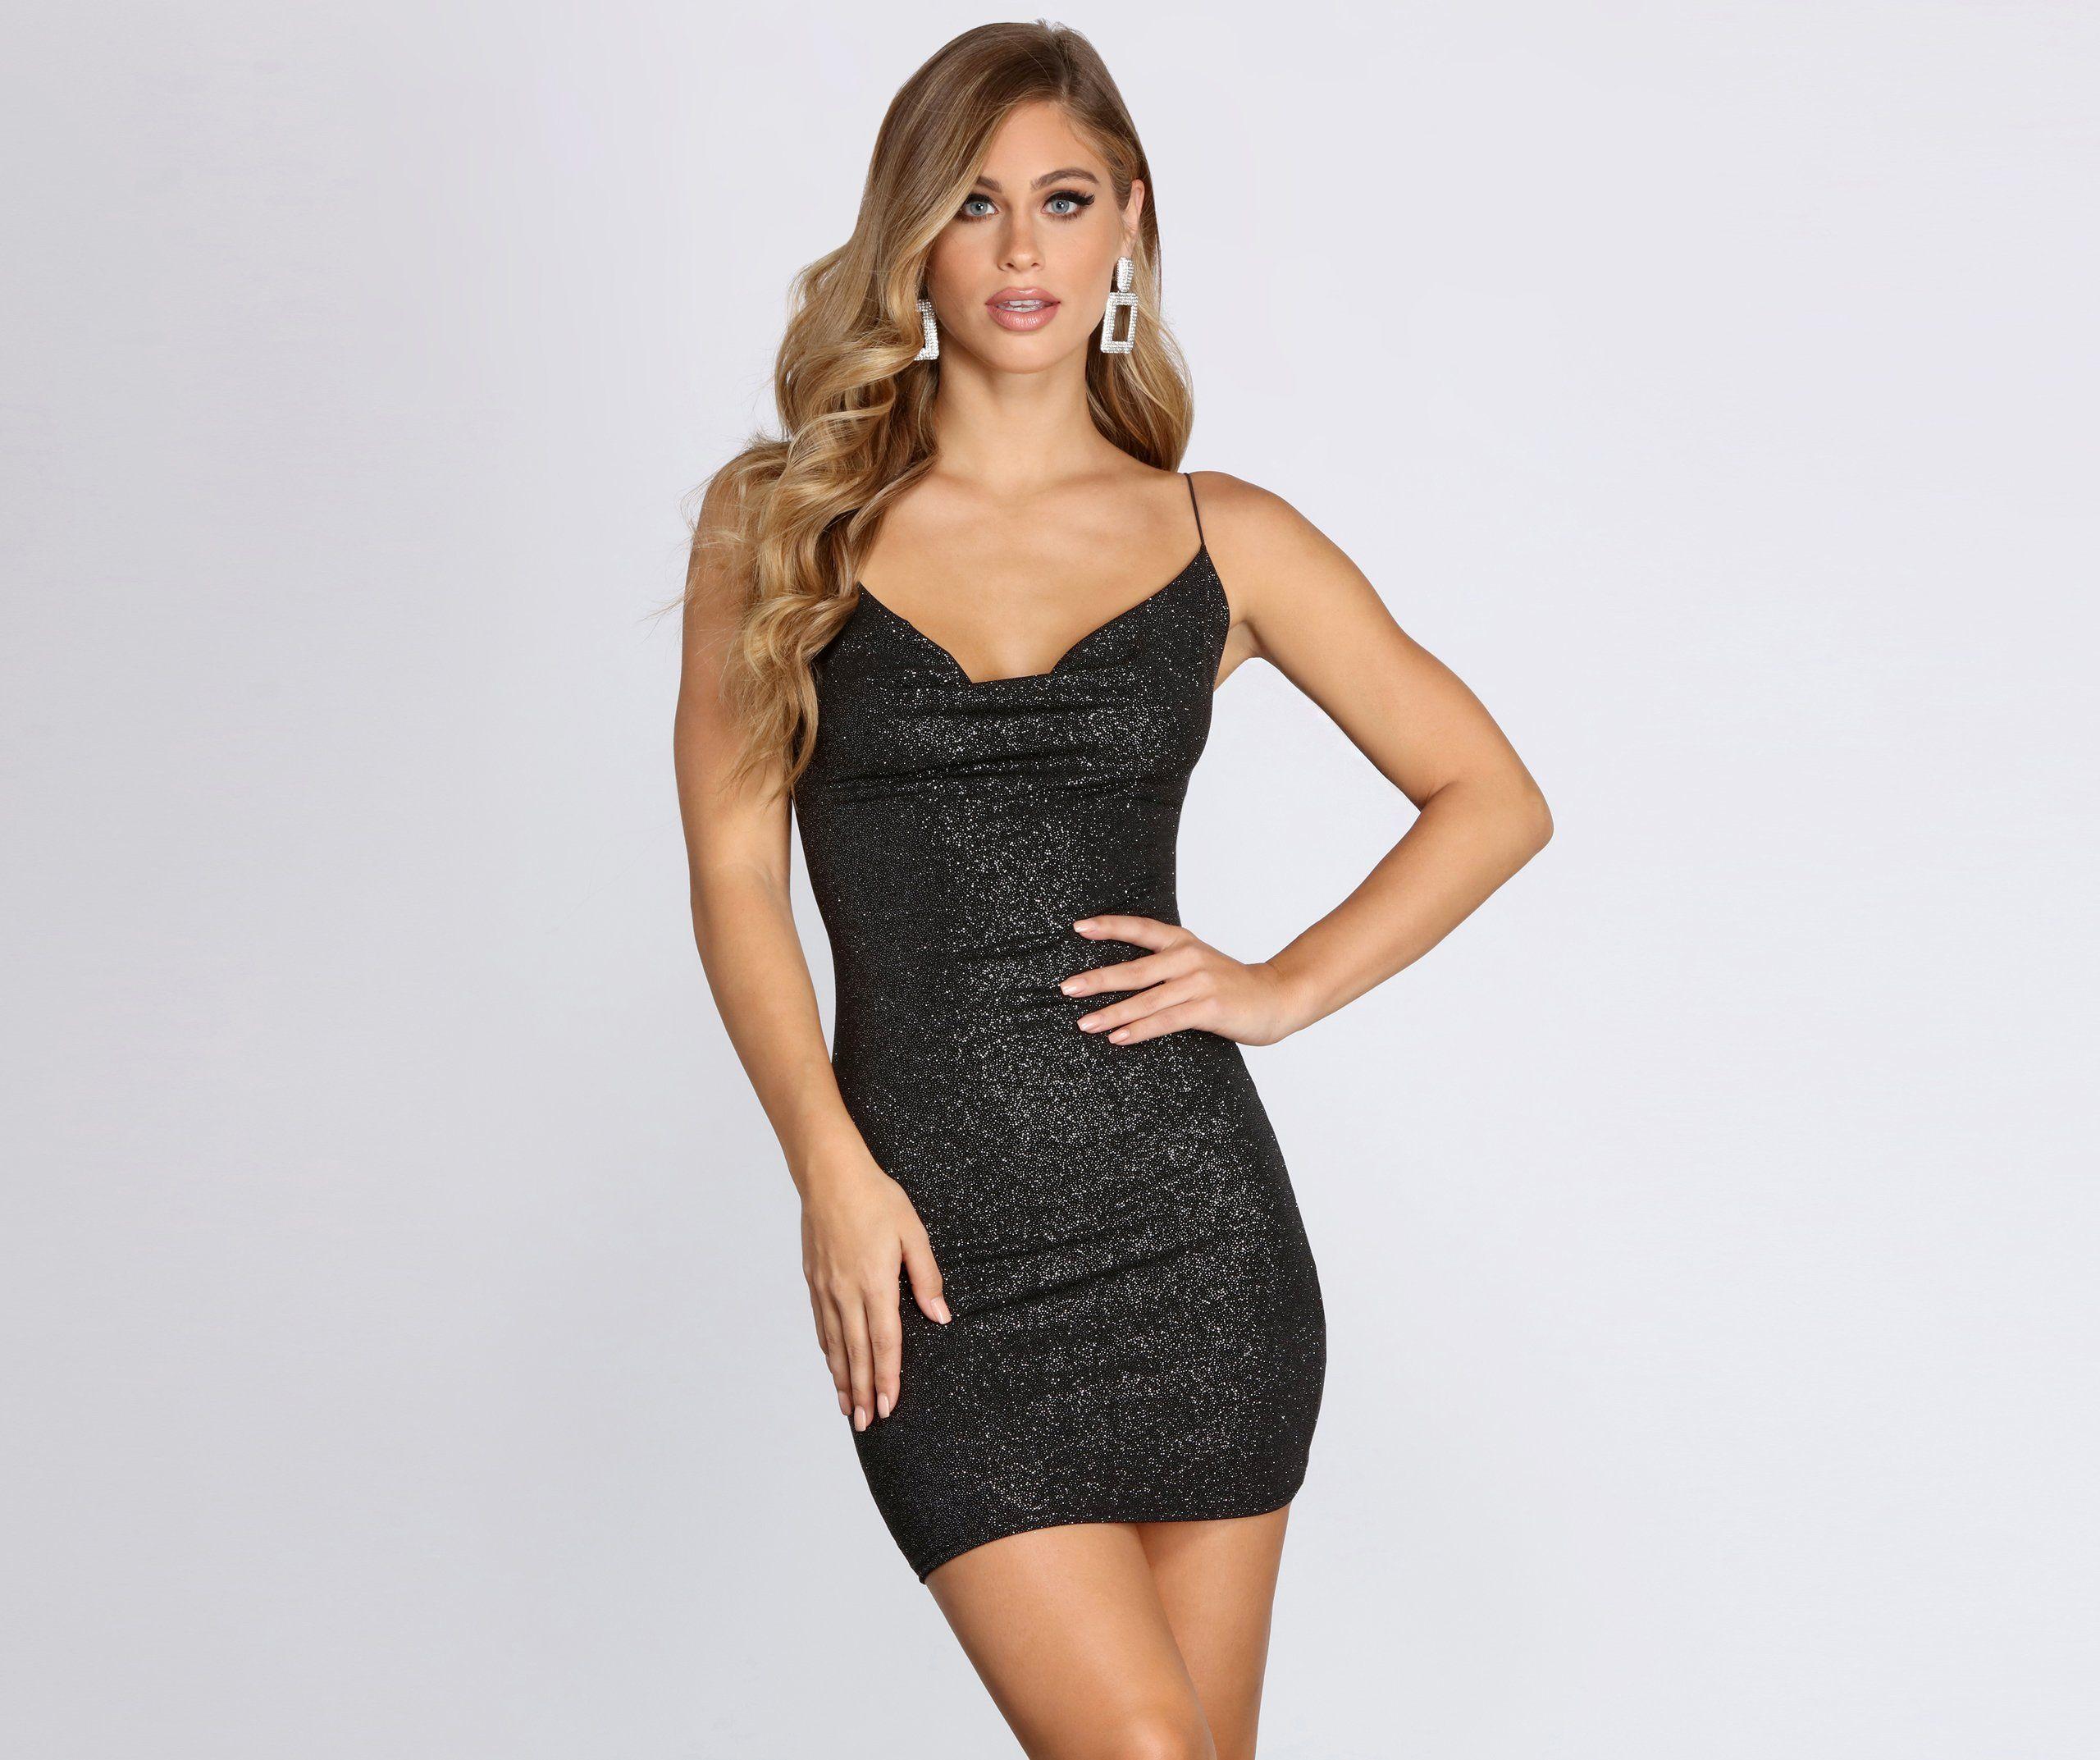 Dancing Diva Glitter Knit Mini Dress Dressesforengagementparty Windsor Dancing Diva Glitter Knit Mini Dress In Mini Dress Knit Mini Dress Trendy Dress Styles [ 2145 x 2560 Pixel ]